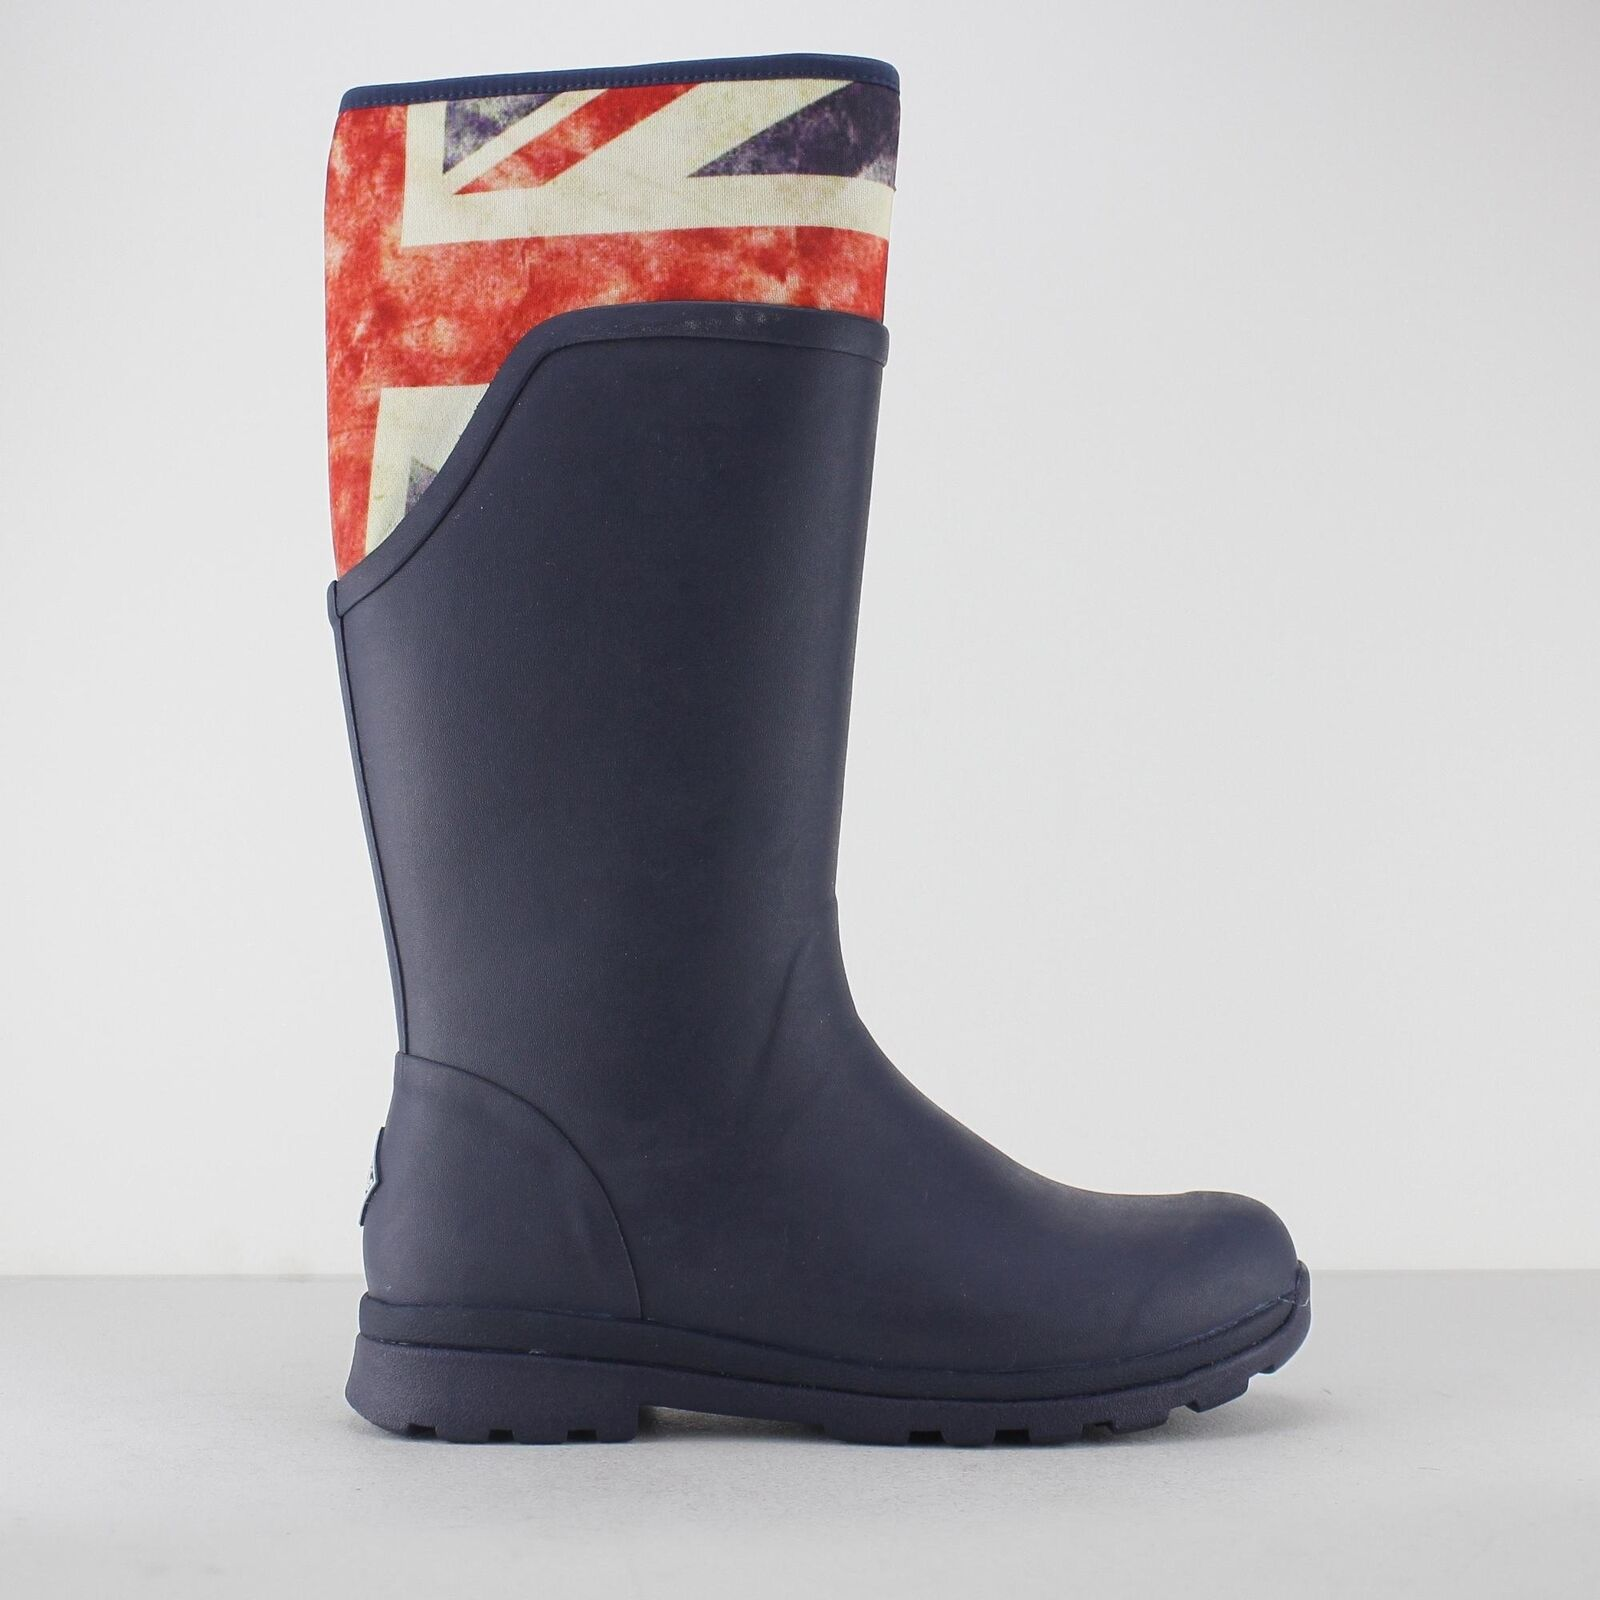 Entrega rápida y envío gratis en todos los pedidos. Muck botas botas Wellington alto Cambridge señoras para mujer mujer mujer azul marino Vintage Union Jack  diseños exclusivos